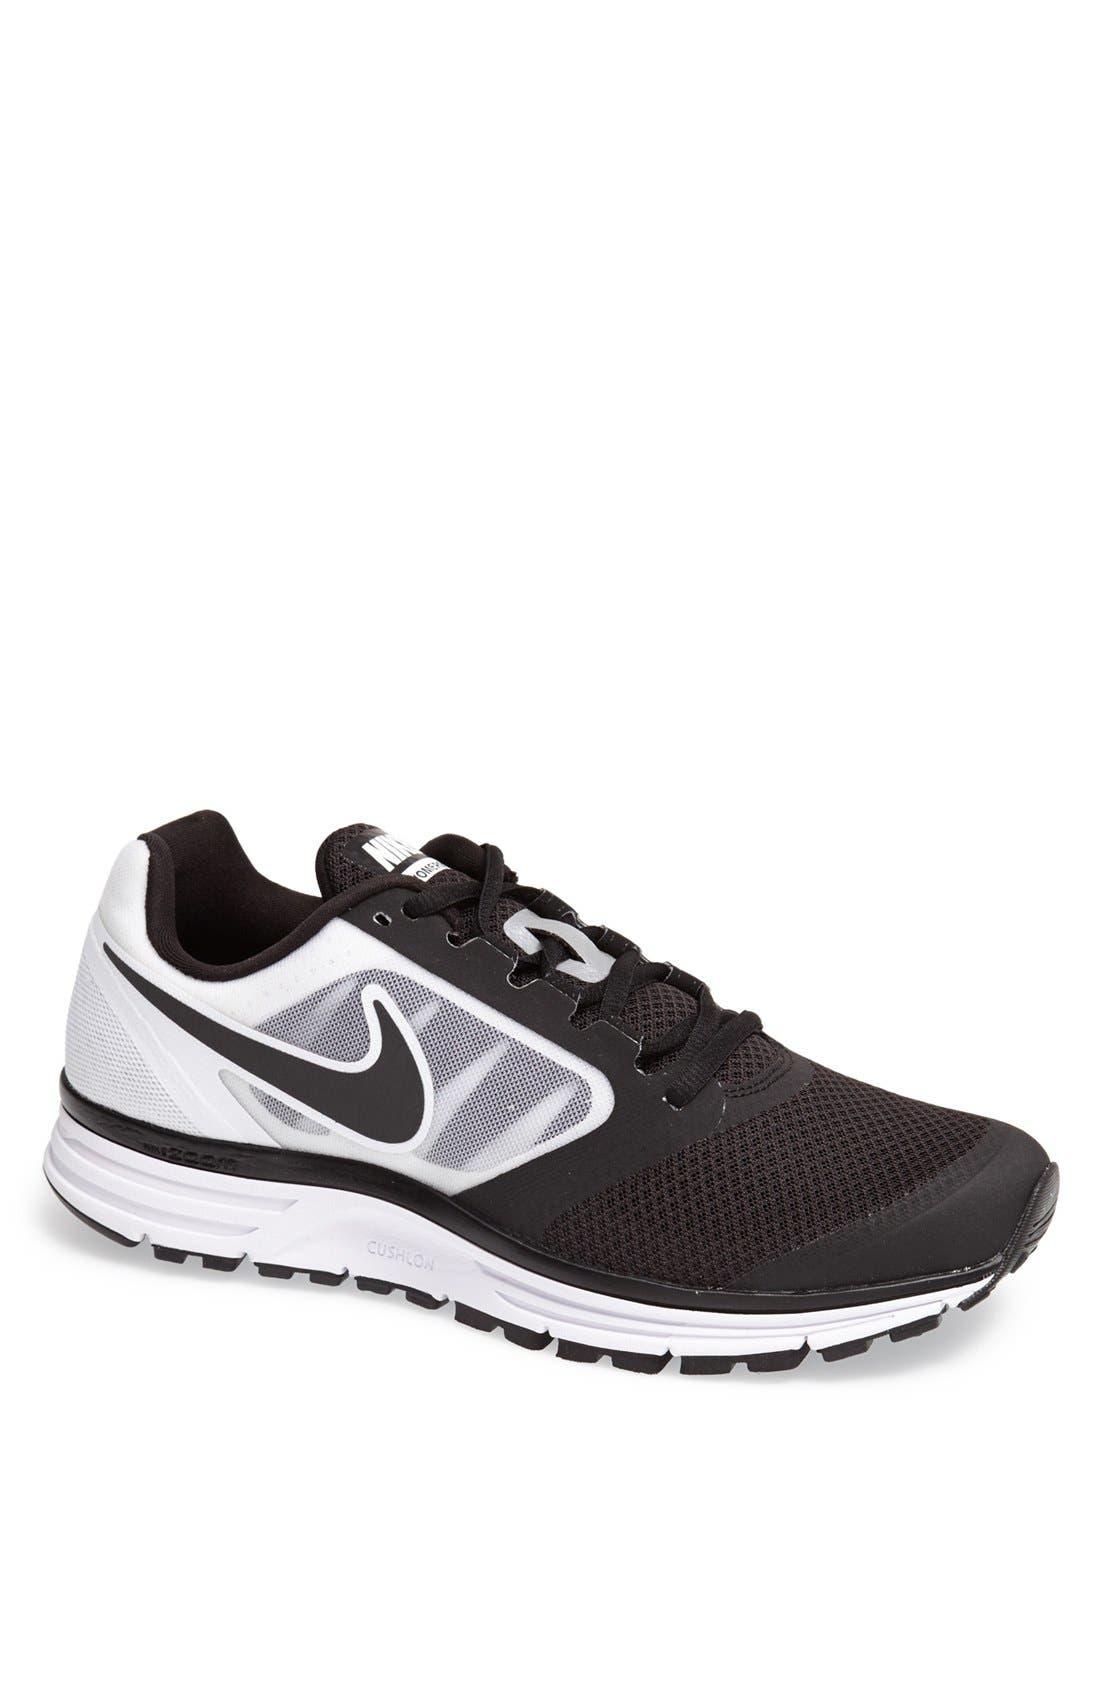 Main Image - Nike 'Zoom Vomero+ 8' Running Shoe (Men)